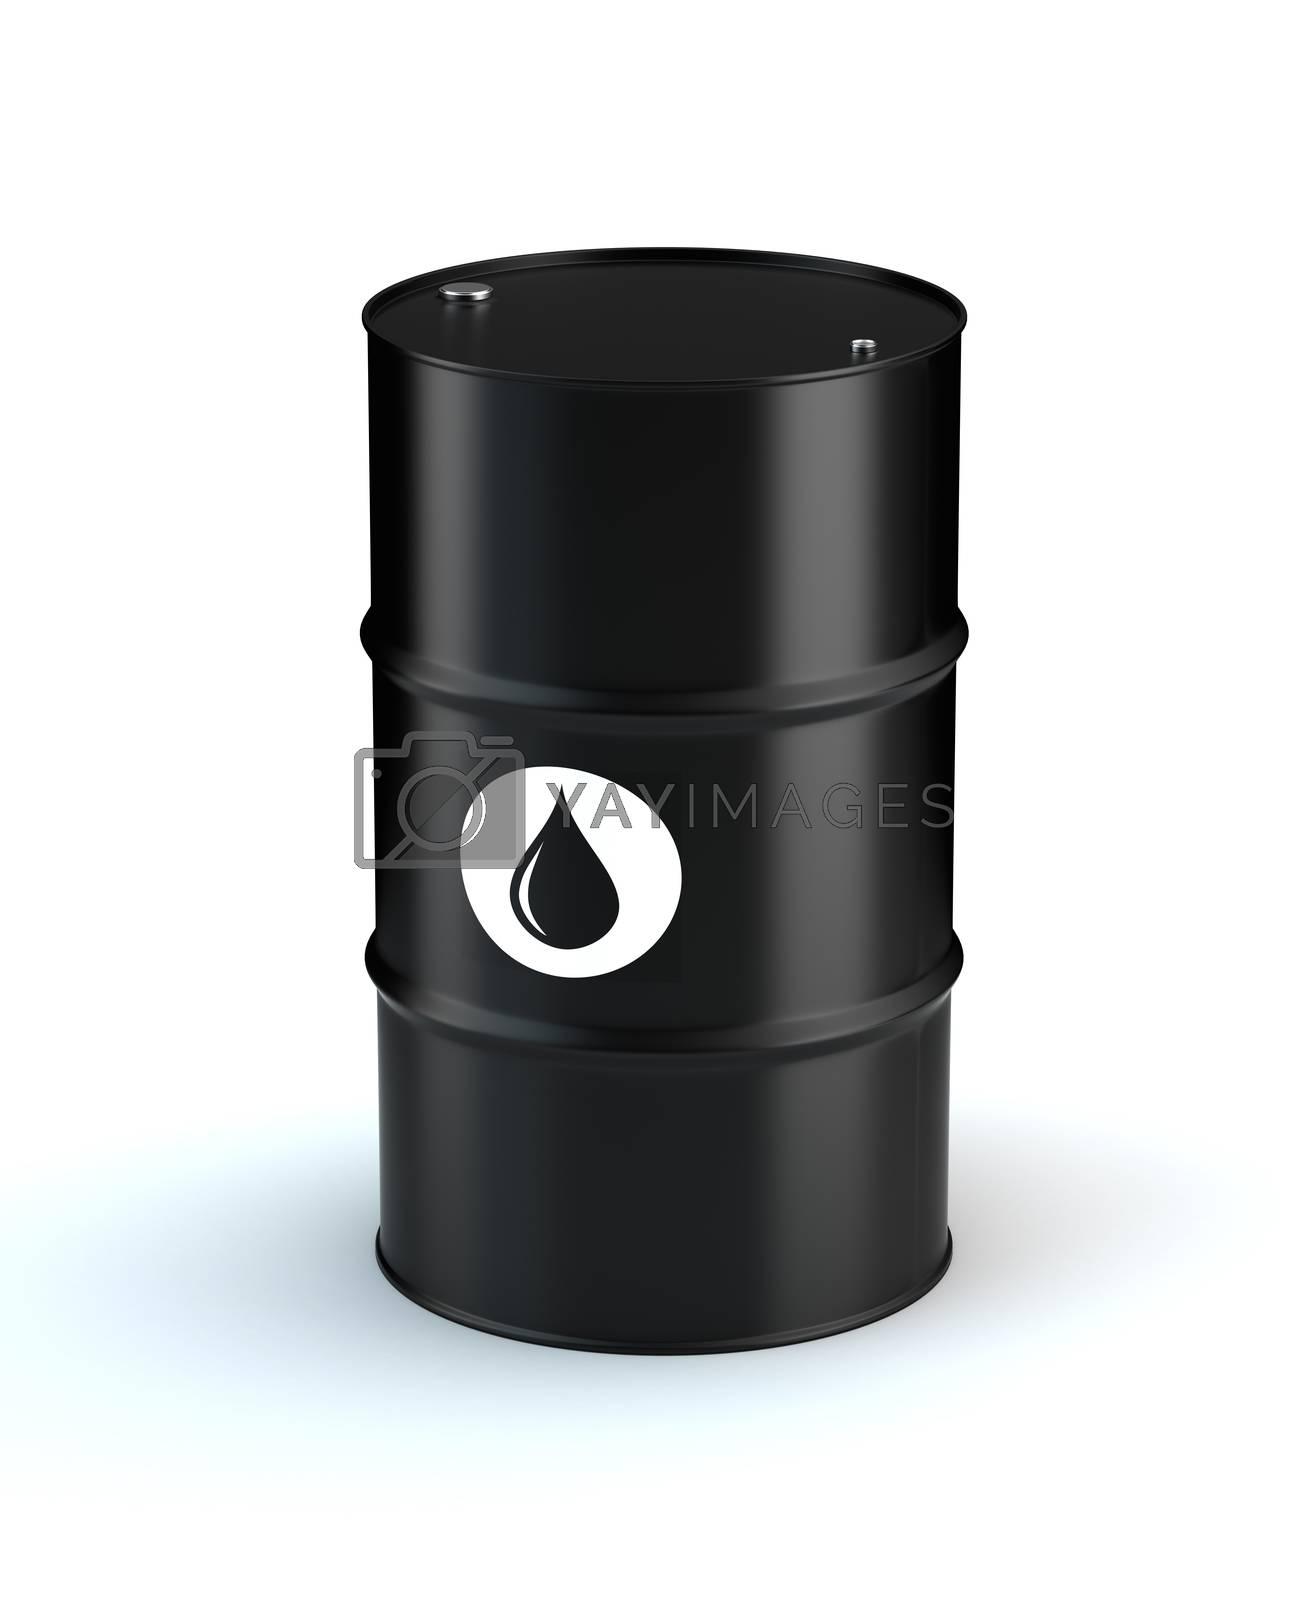 Single Oil Barrel